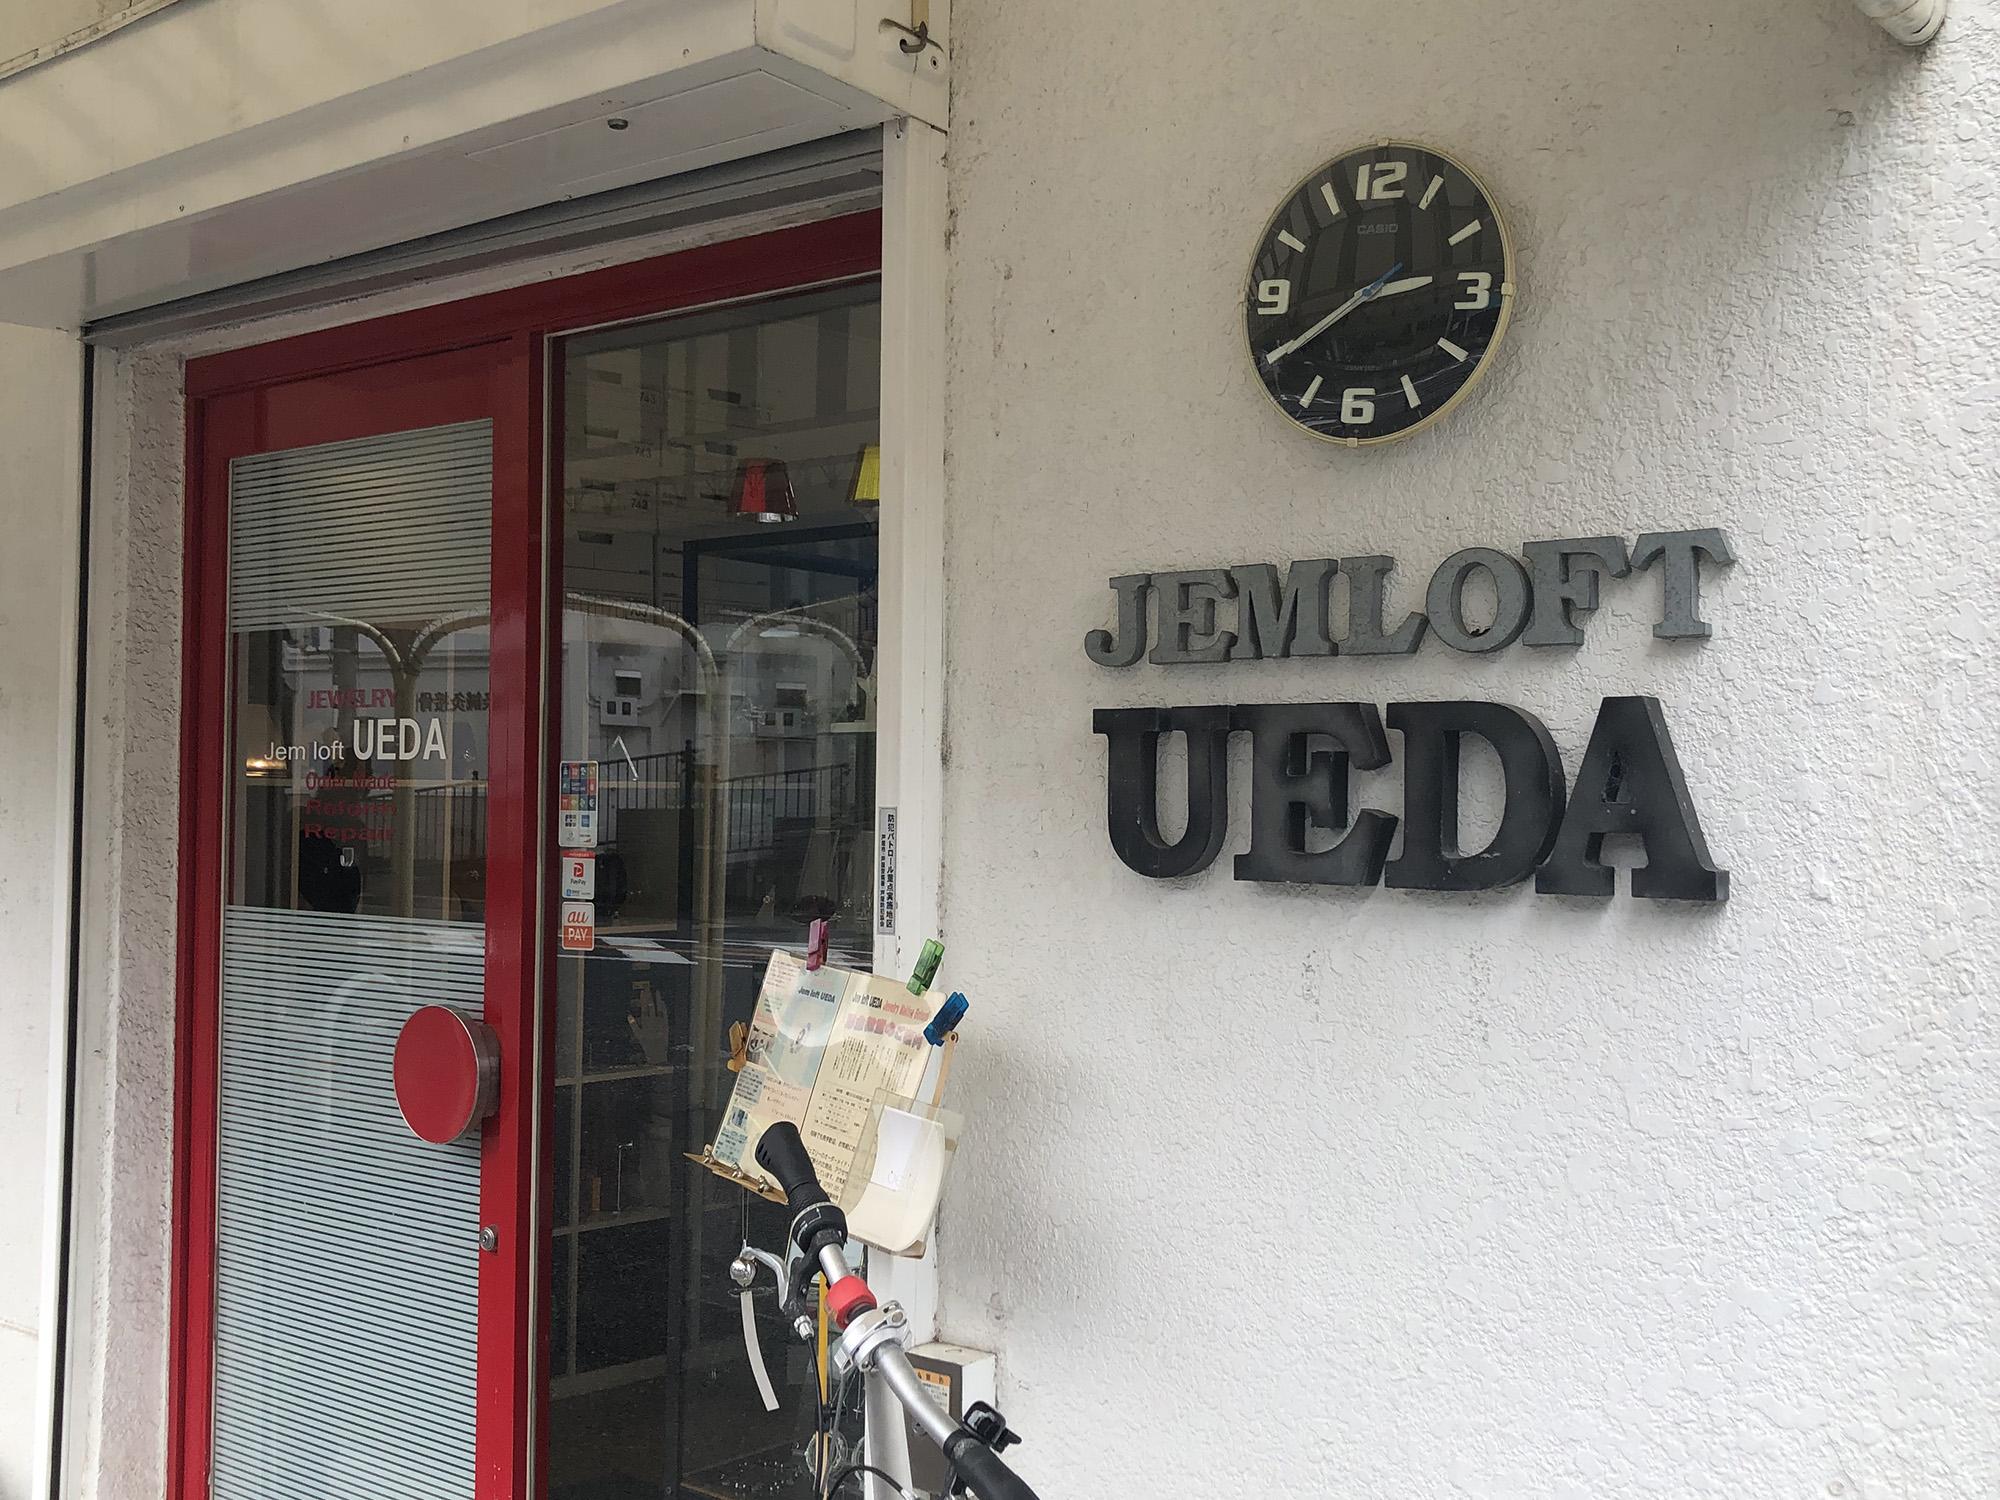 Jem loft UEDA